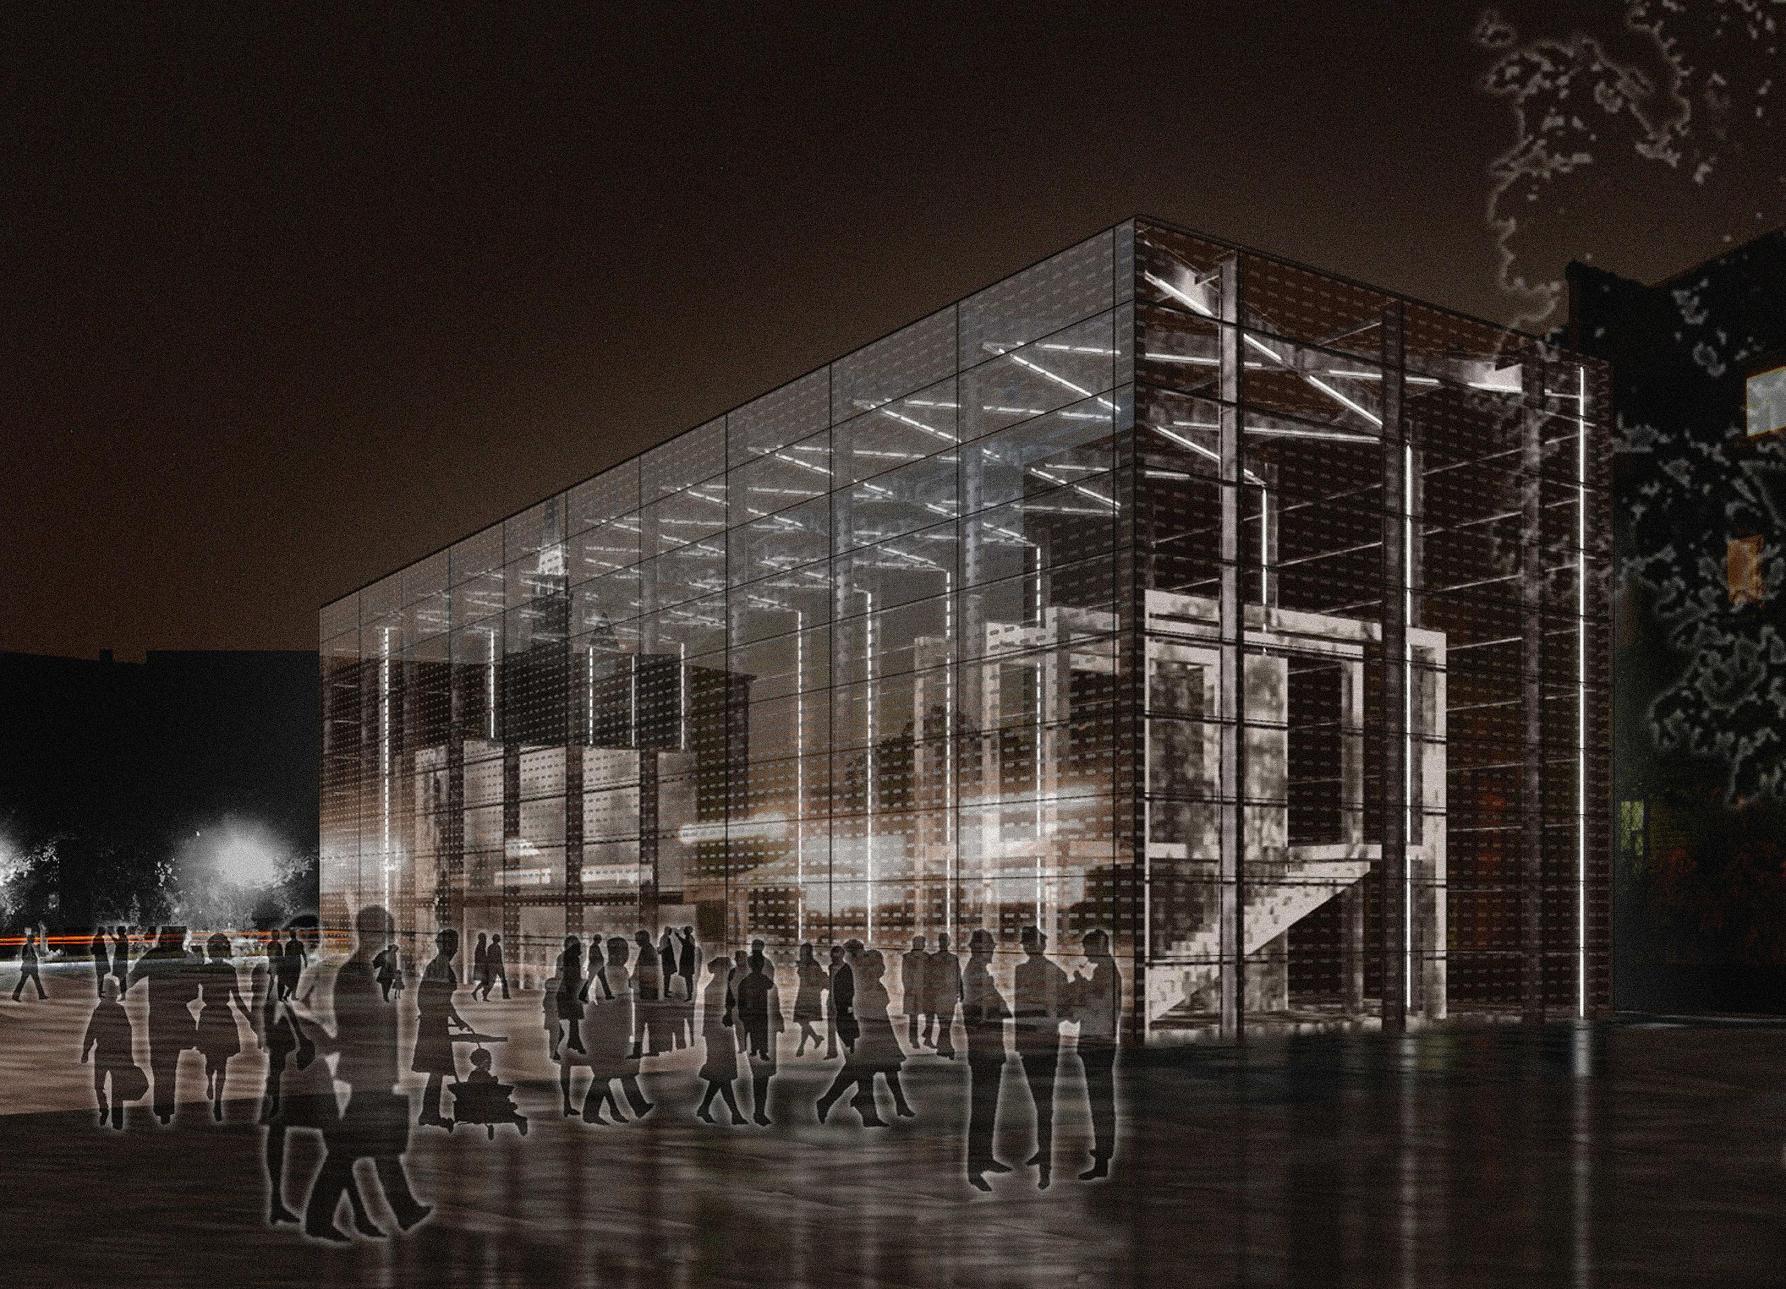 Muzeum Architektury we Wrocławiu wg projektu Małgorzaty i Antoniego Domiczów (źródło: materiały prasowe organizatora)